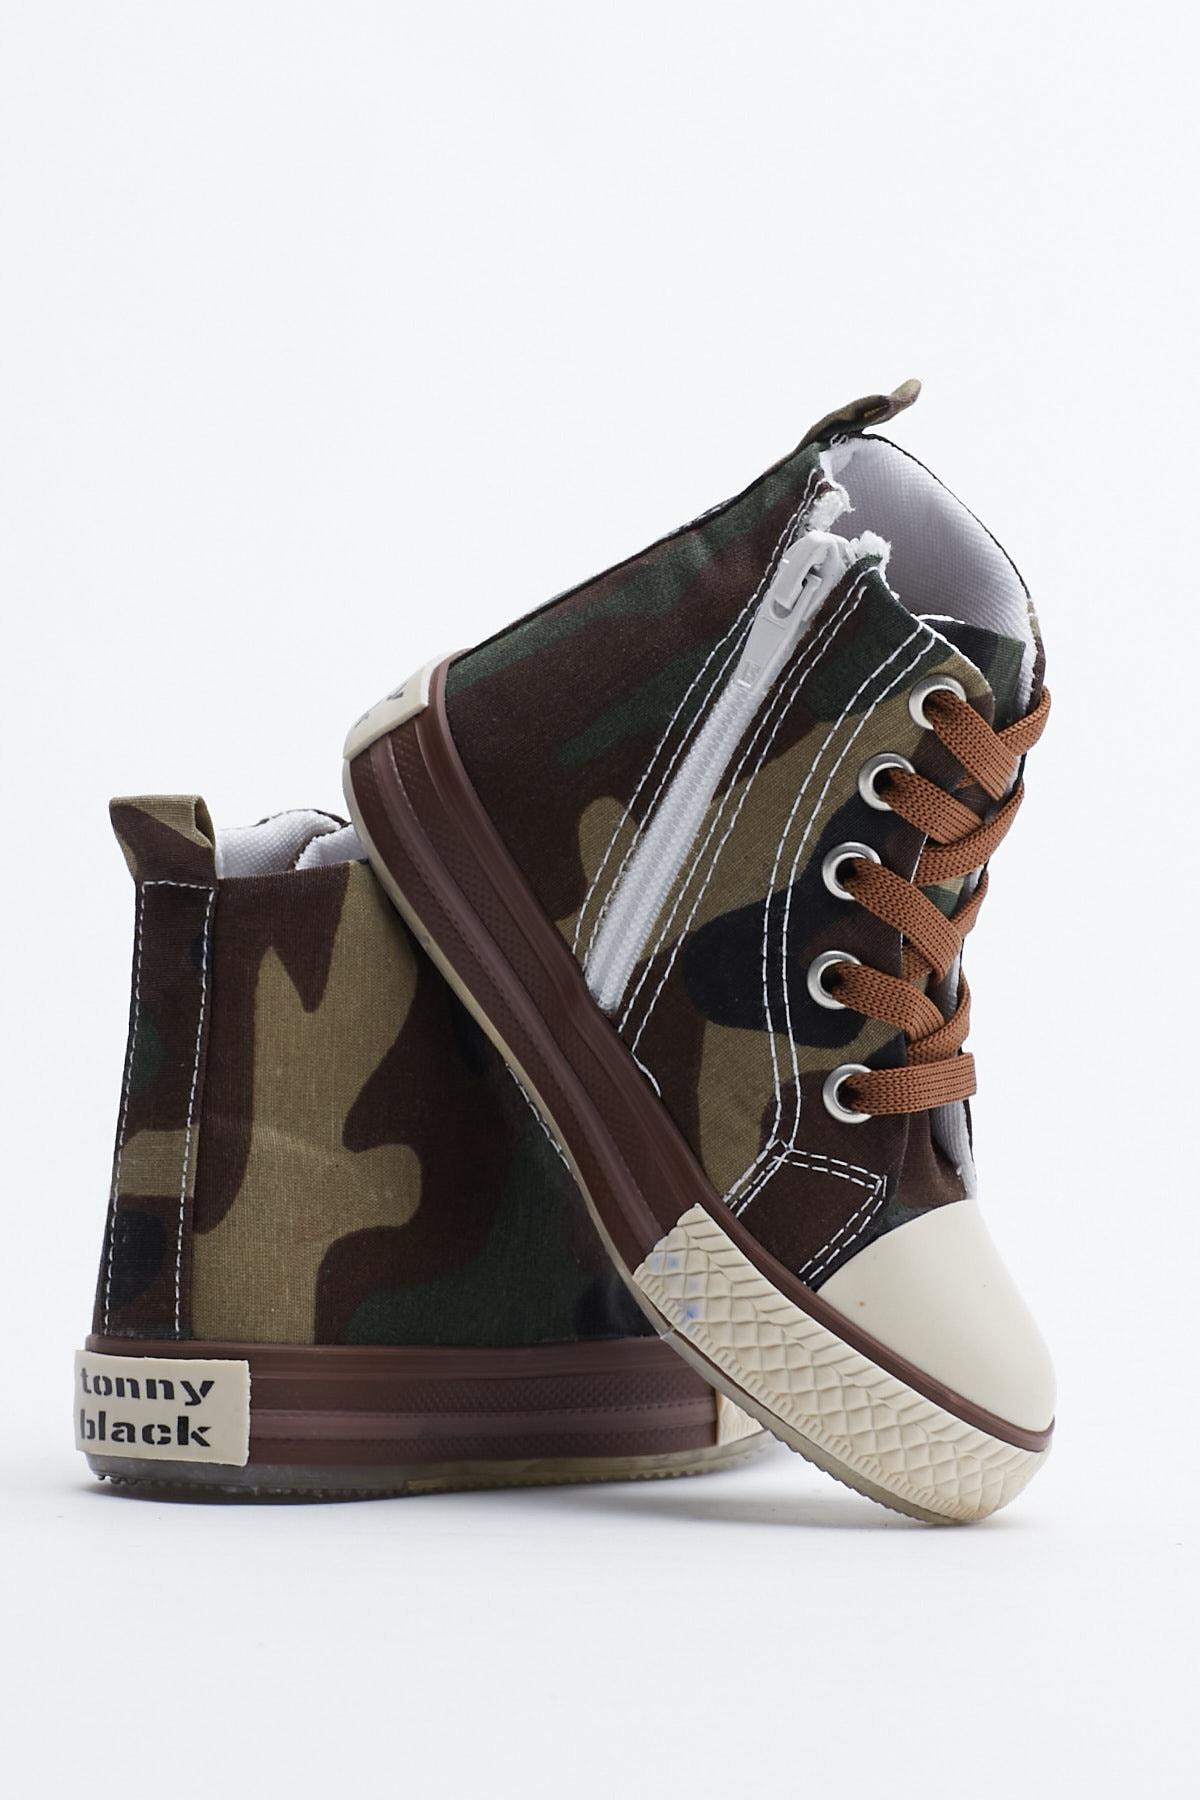 Tonny Black Haki Kamuflaj Çocuk Spor Ayakkabı Uzun Tb999 3